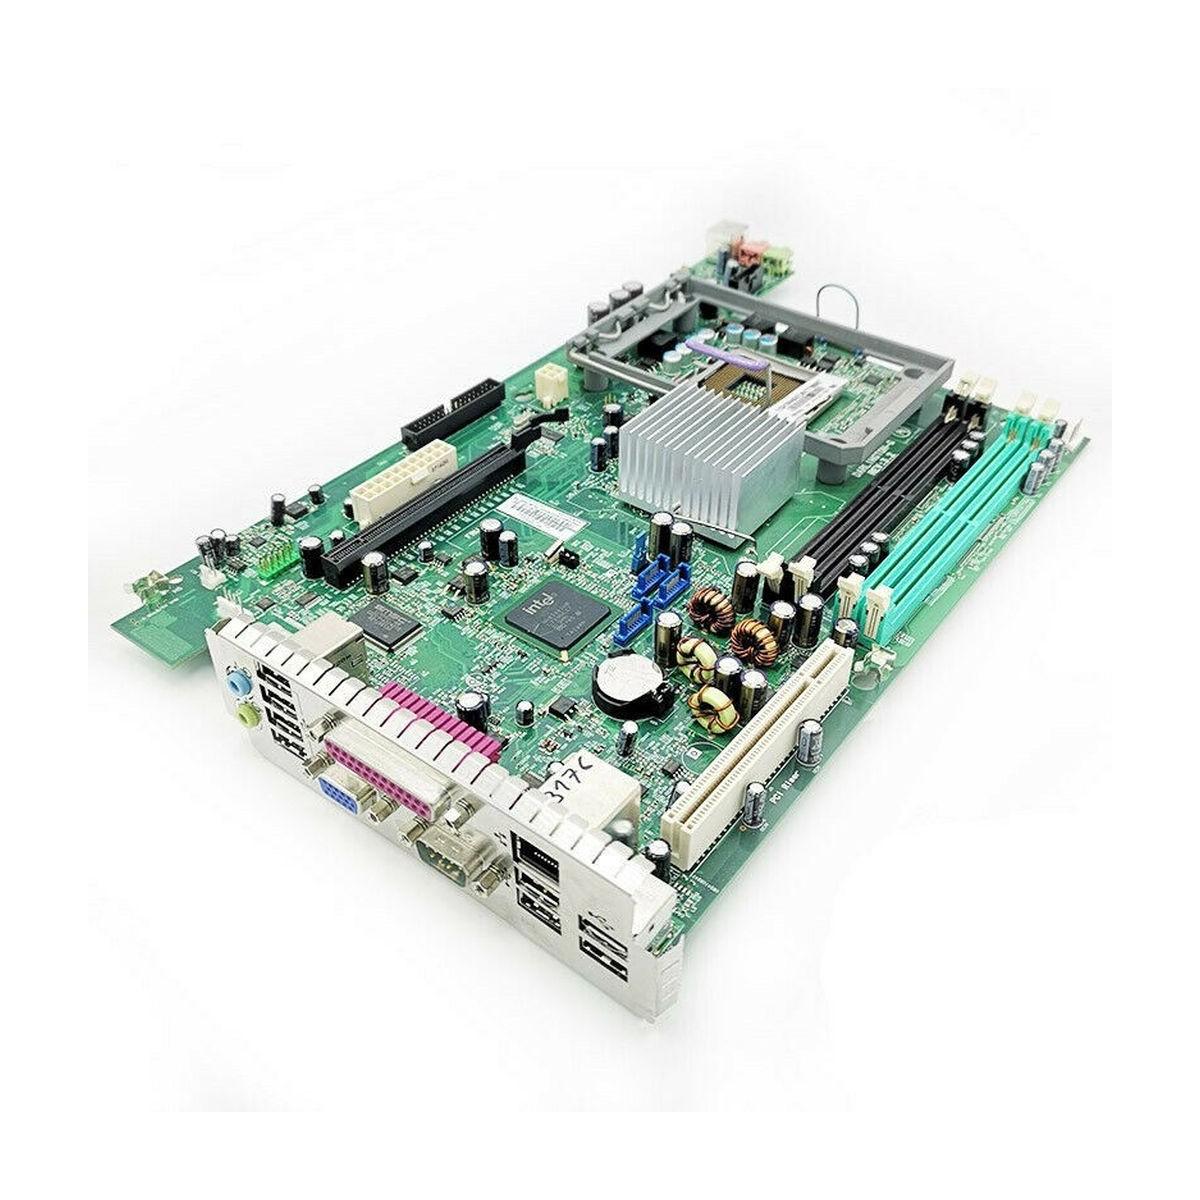 DELL RADEON HD 2400XT 256MB DMS-59 TVOUT NISKI PROFIL